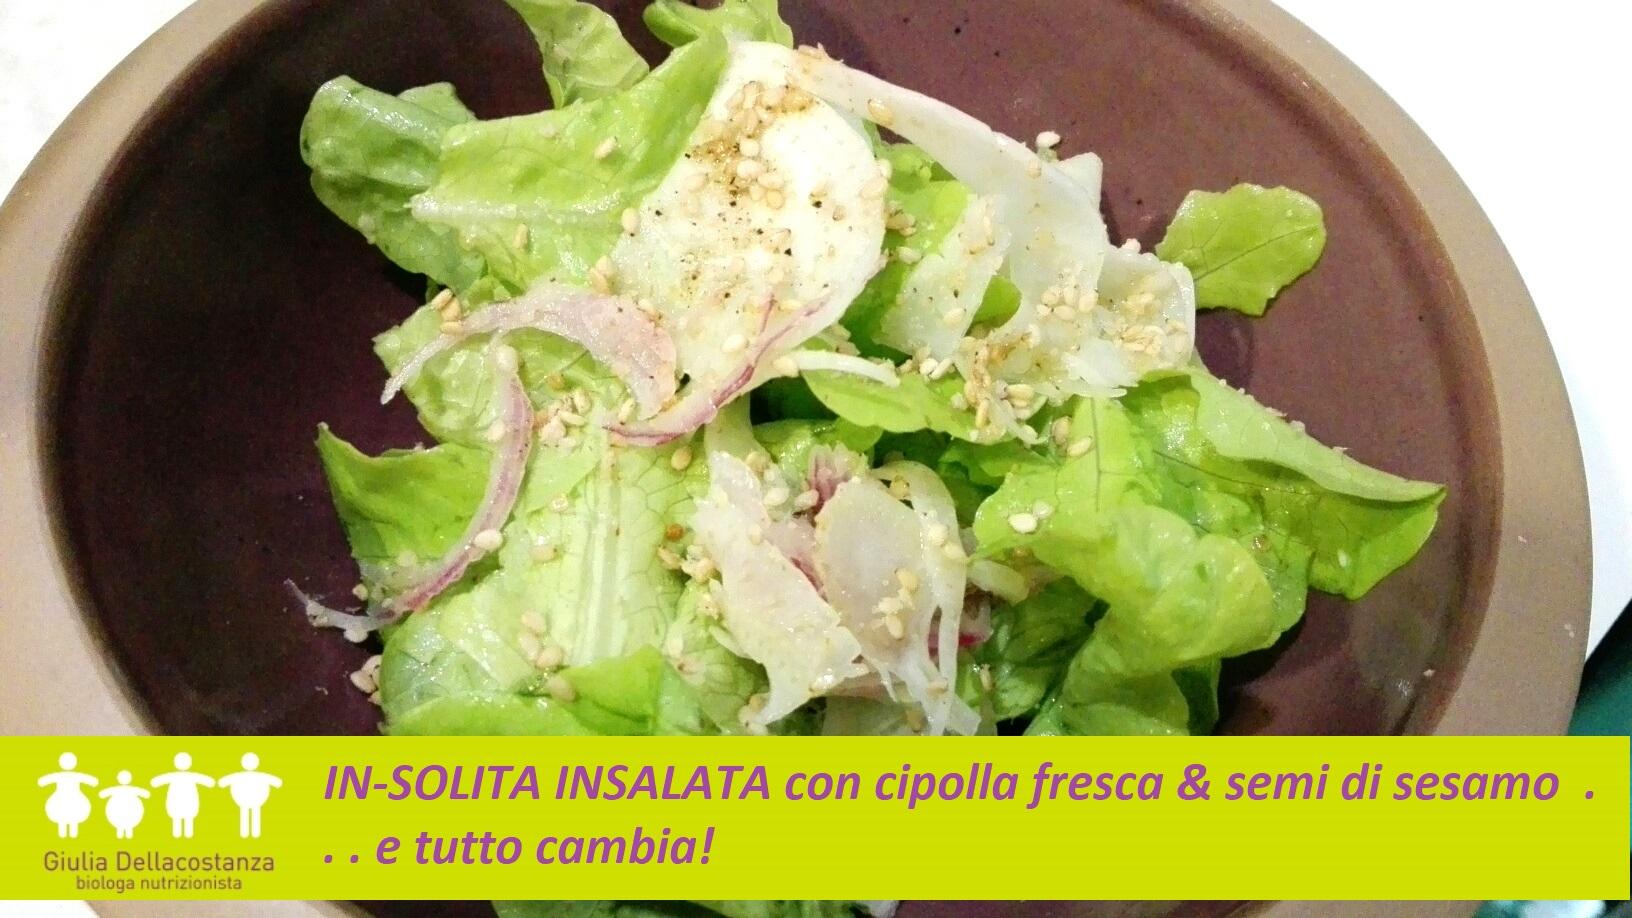 In-solita insalata con cipolla fresca e semi di sesamo.